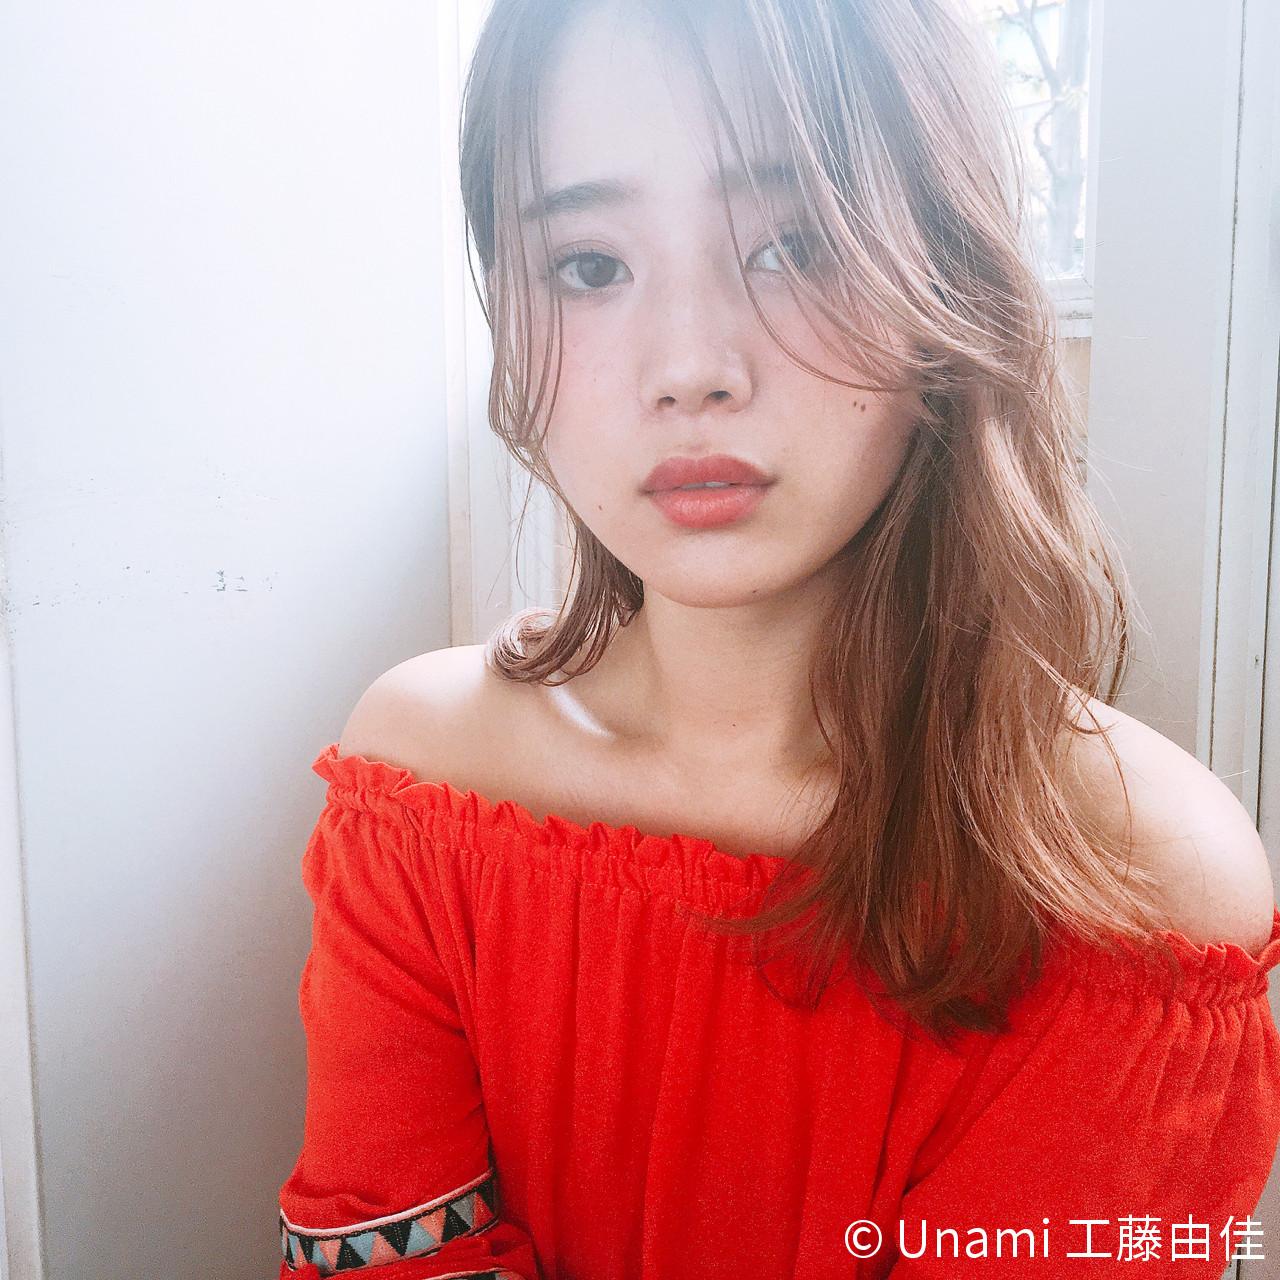 ゆるふわ 色気 パーマ 外国人風 ヘアスタイルや髪型の写真・画像 | Unami 工藤由佳 / Unami omotesando